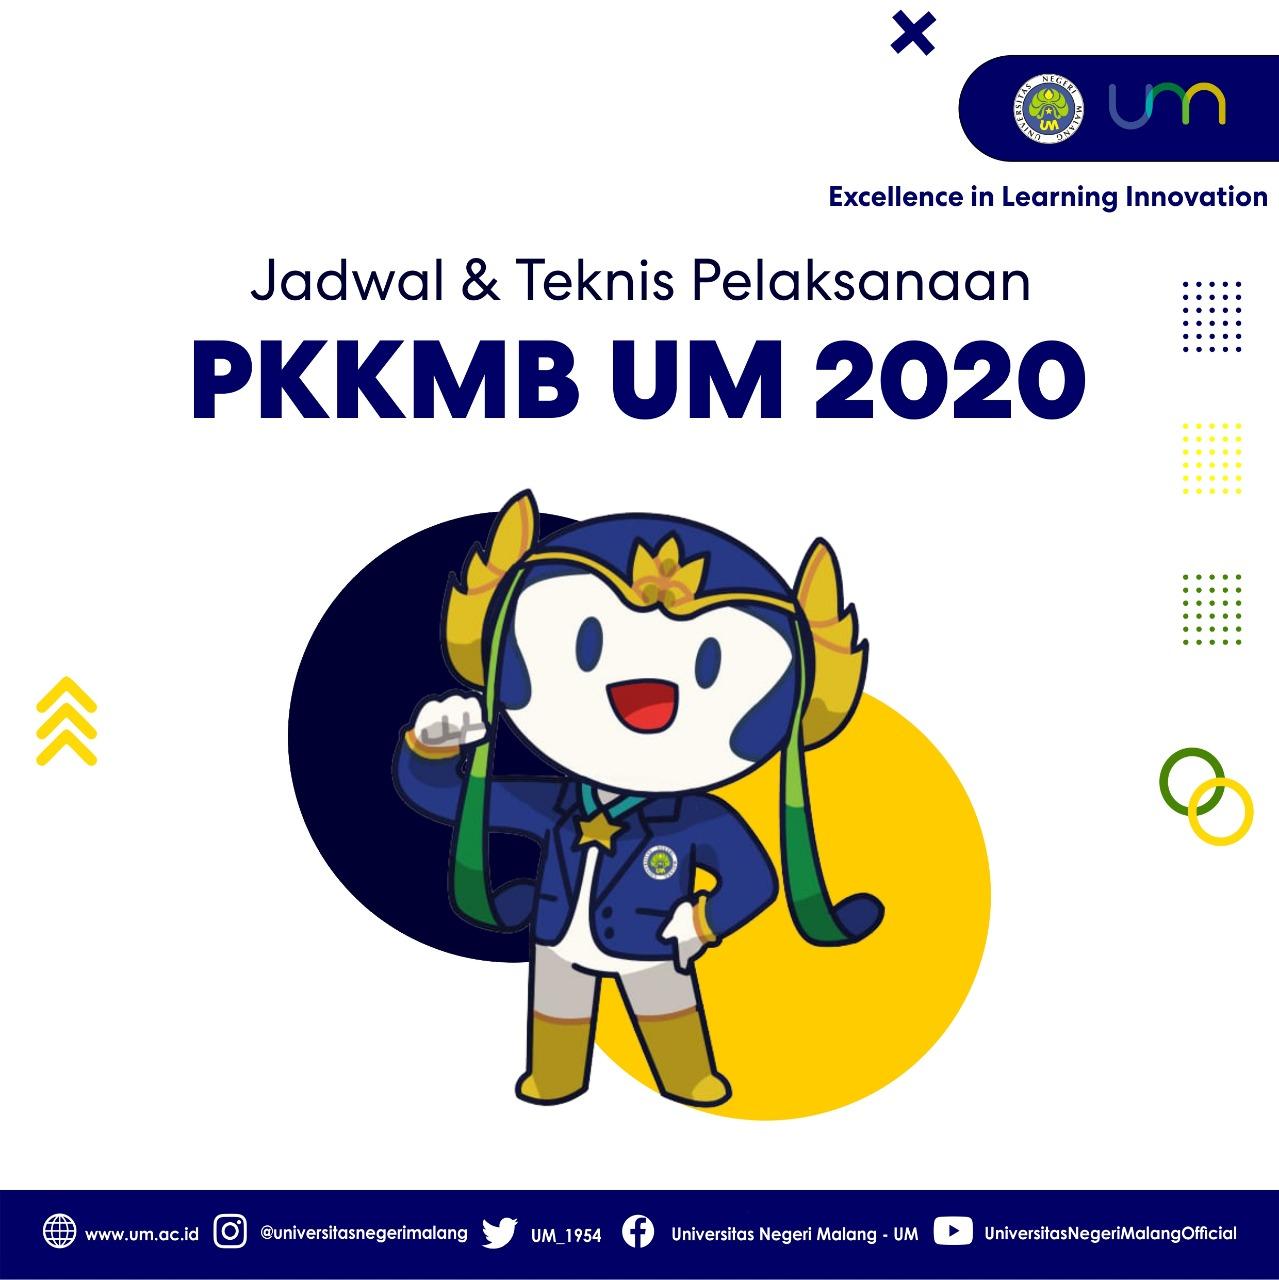 Sukseskan PKKMB UM 2020!